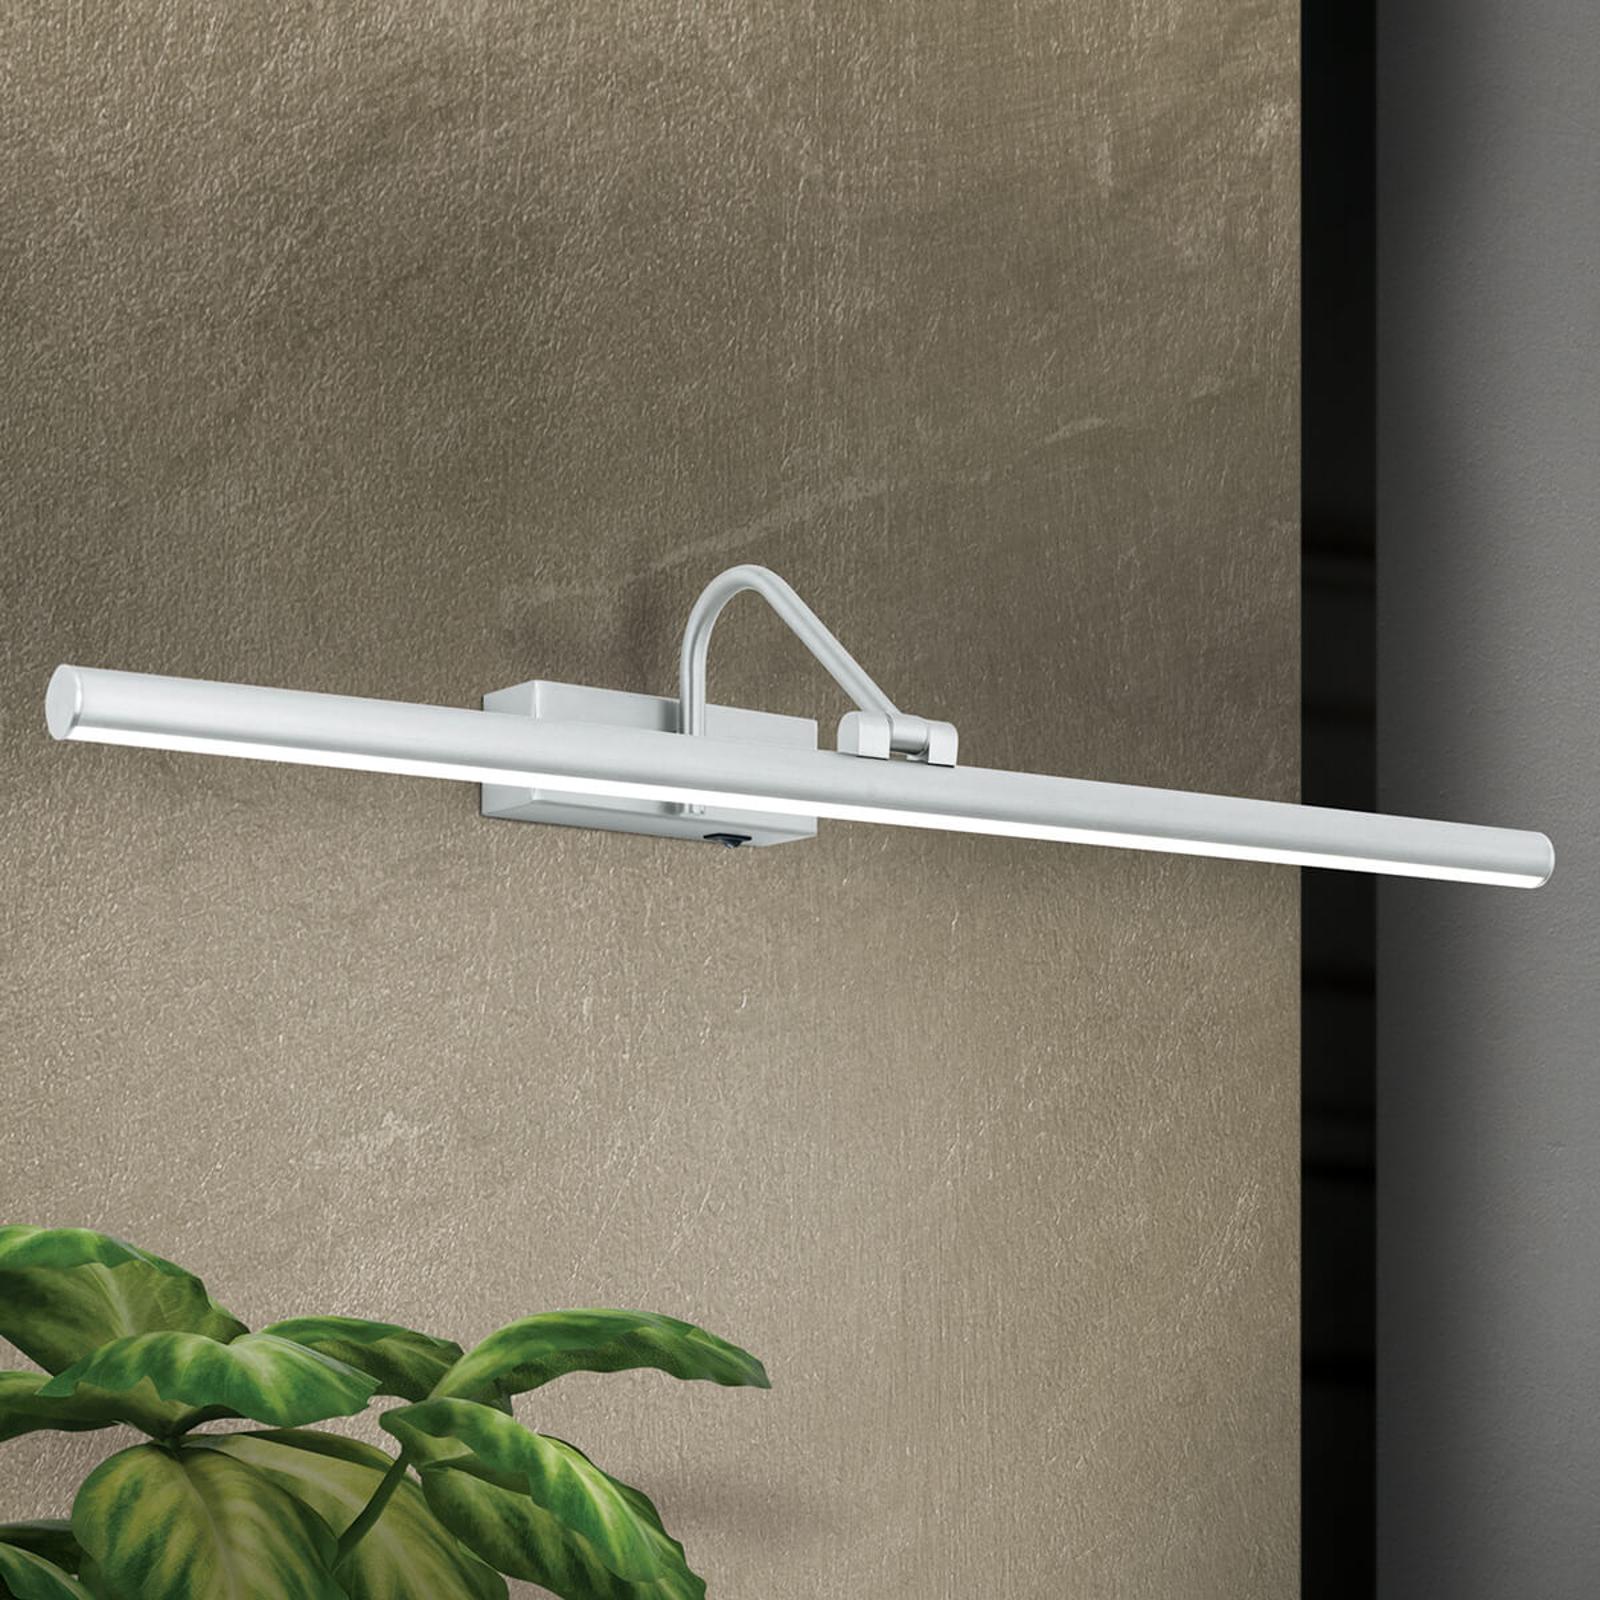 Lampada LED per quadri Sofia con interruttore